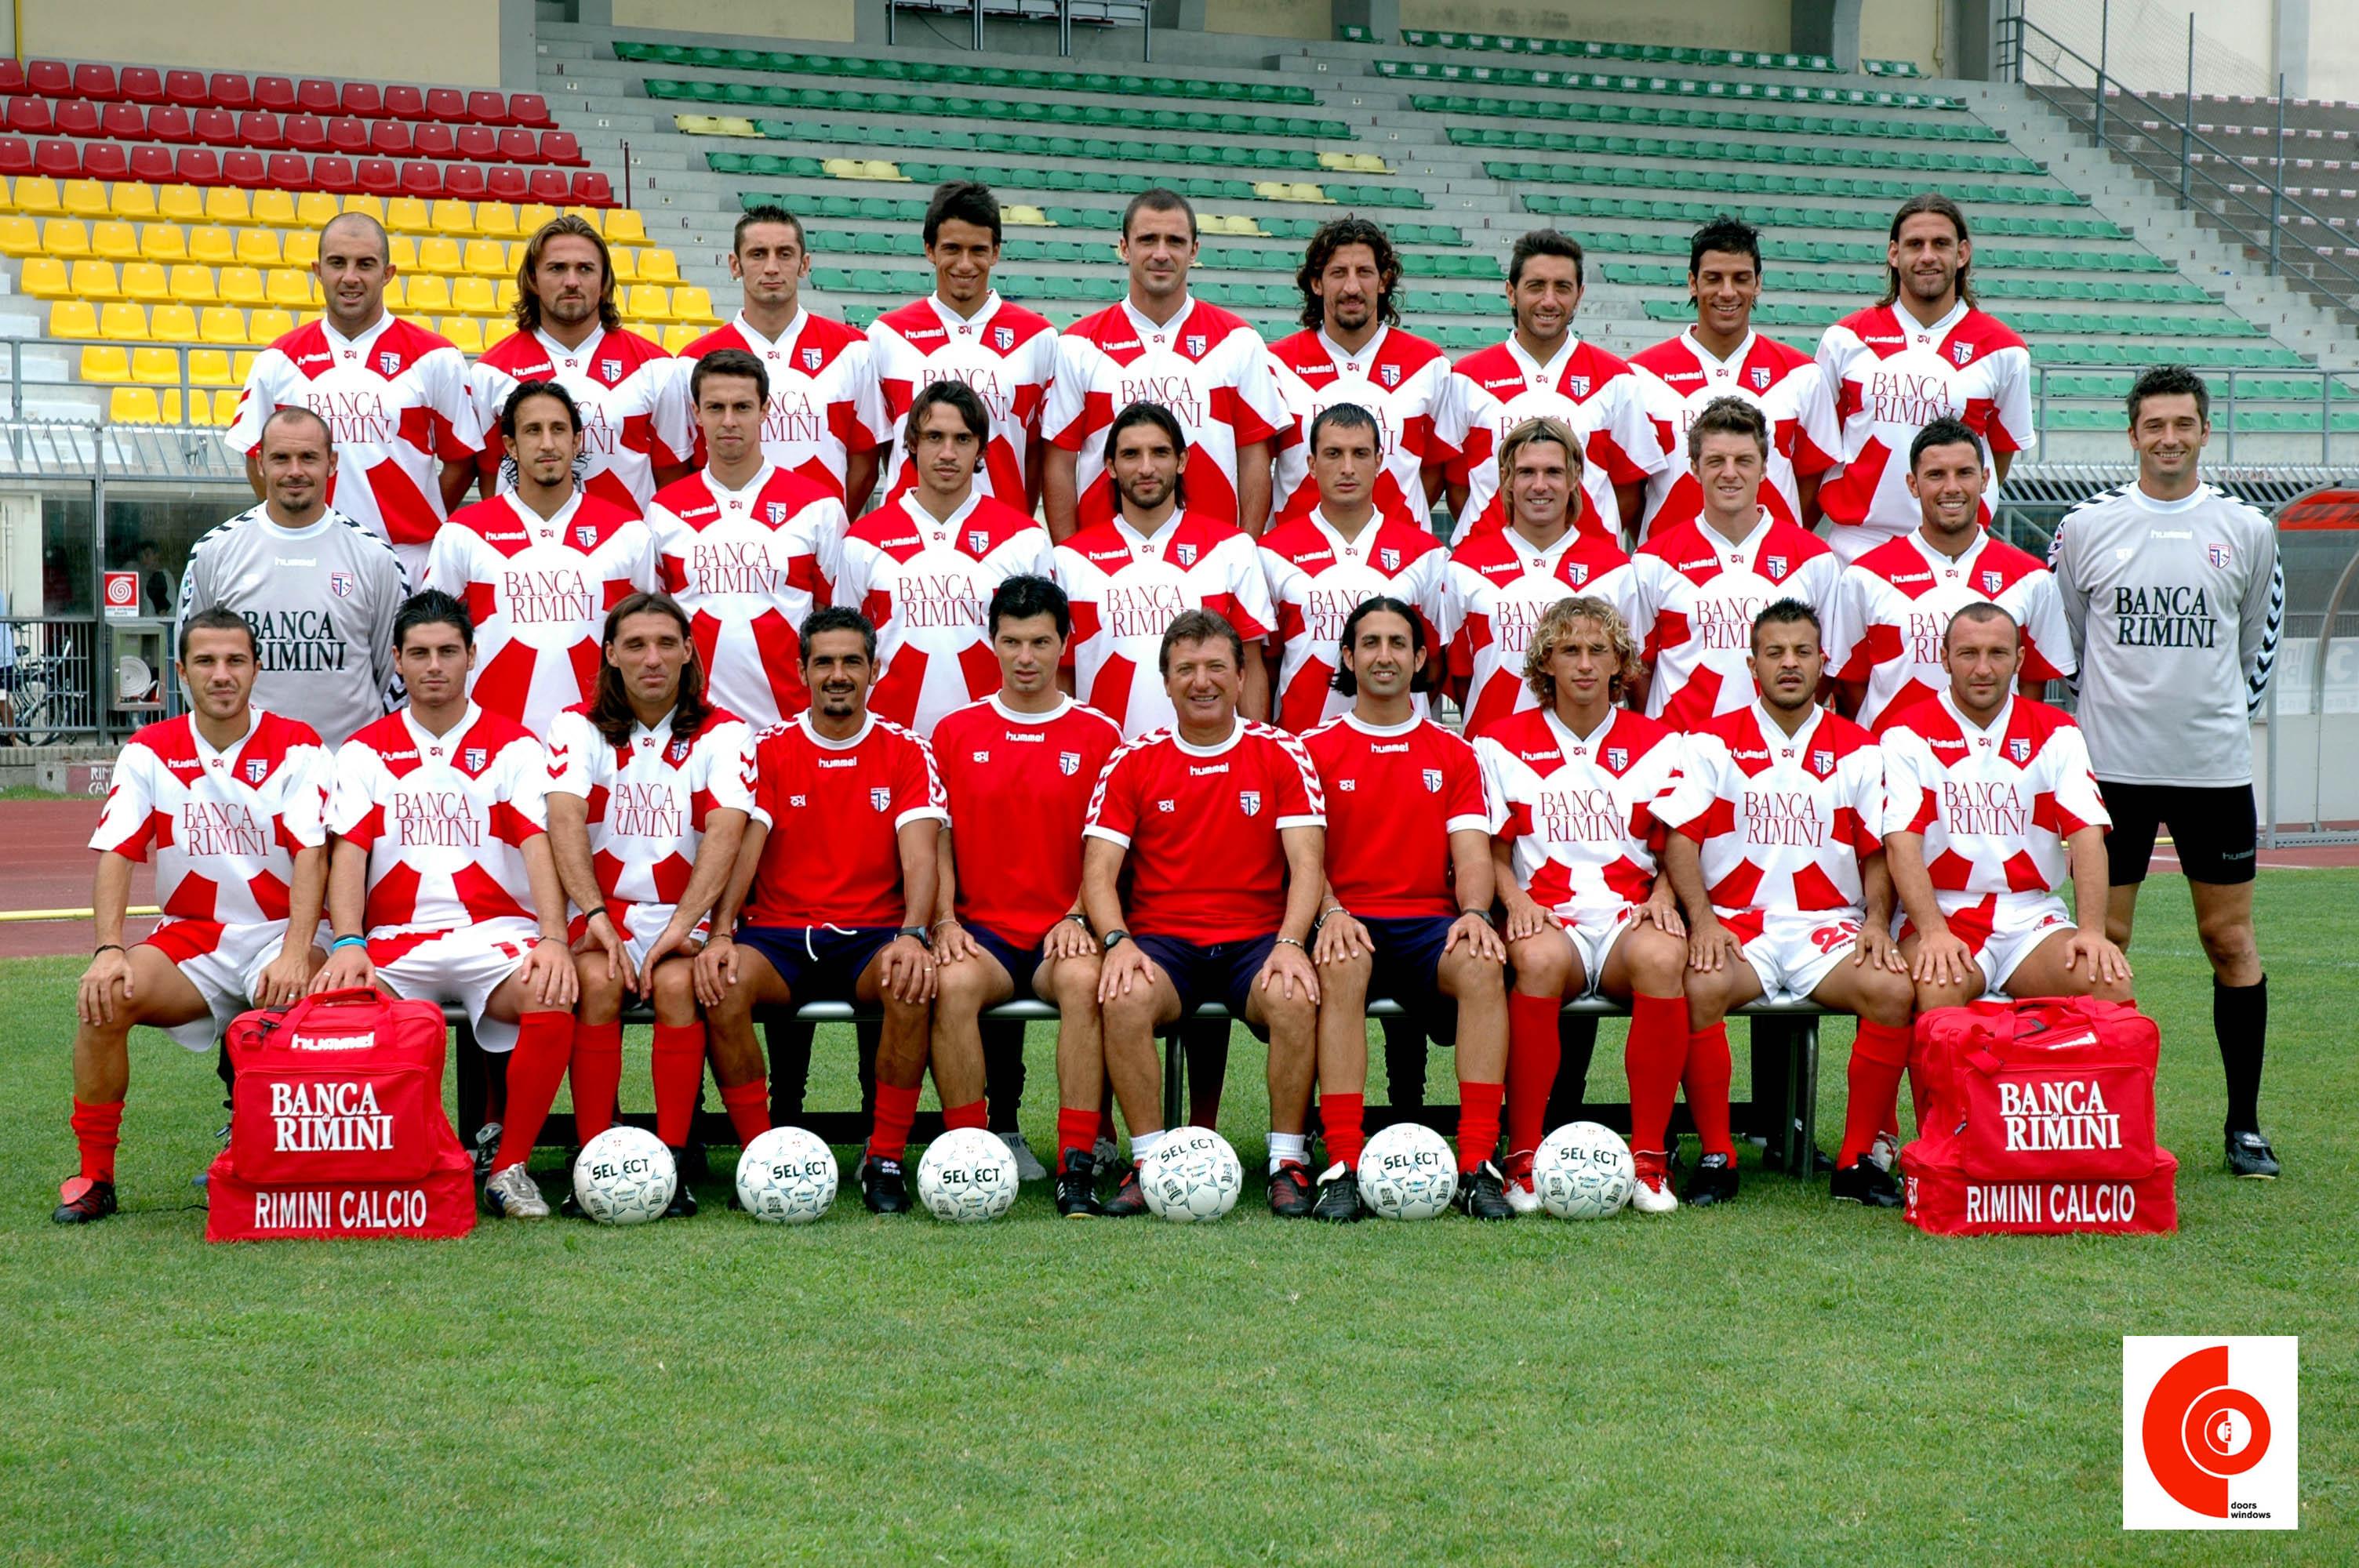 Rimini Calcio - divisa